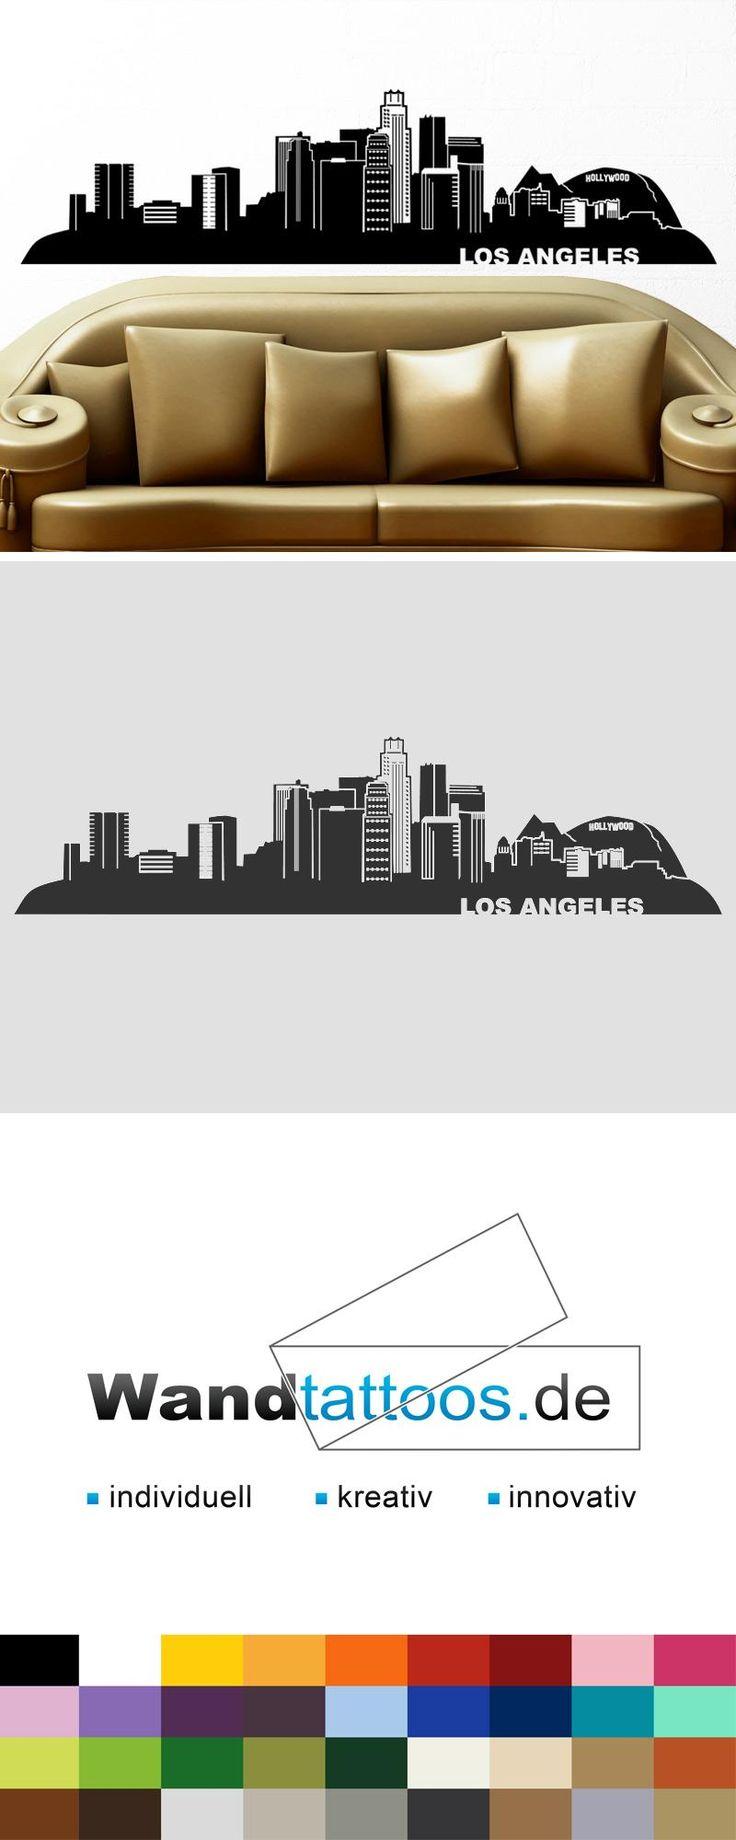 Wandtattoo Los Angeles Skyline als Idee zur individuellen Wandgestaltung. Einfach Lieblingsfarbe und Größe auswählen. Weitere kreative Anregungen von Wandtattoos.de hier entdecken!